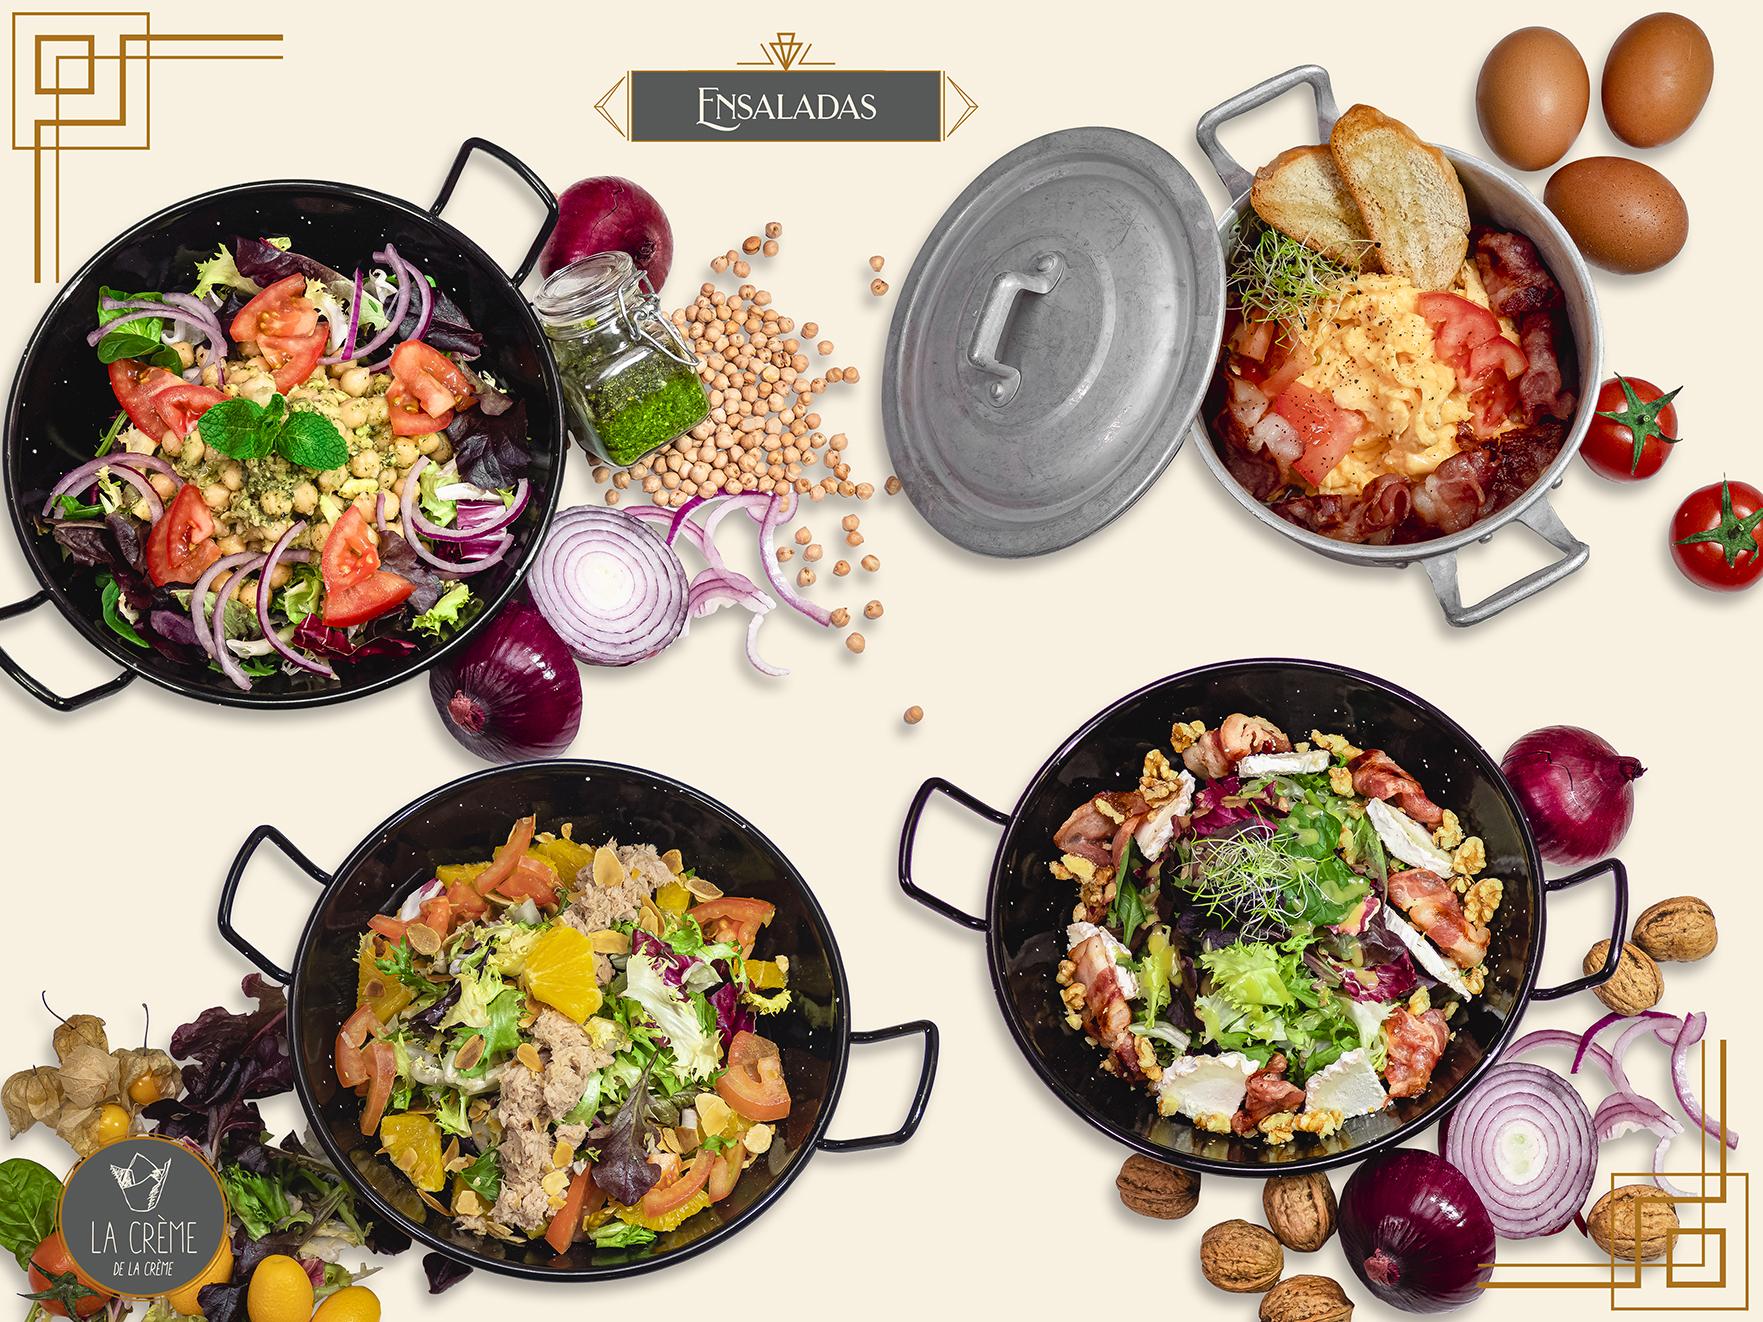 ensaladas en sevilla. restaurantes de ensaladas en sevilla